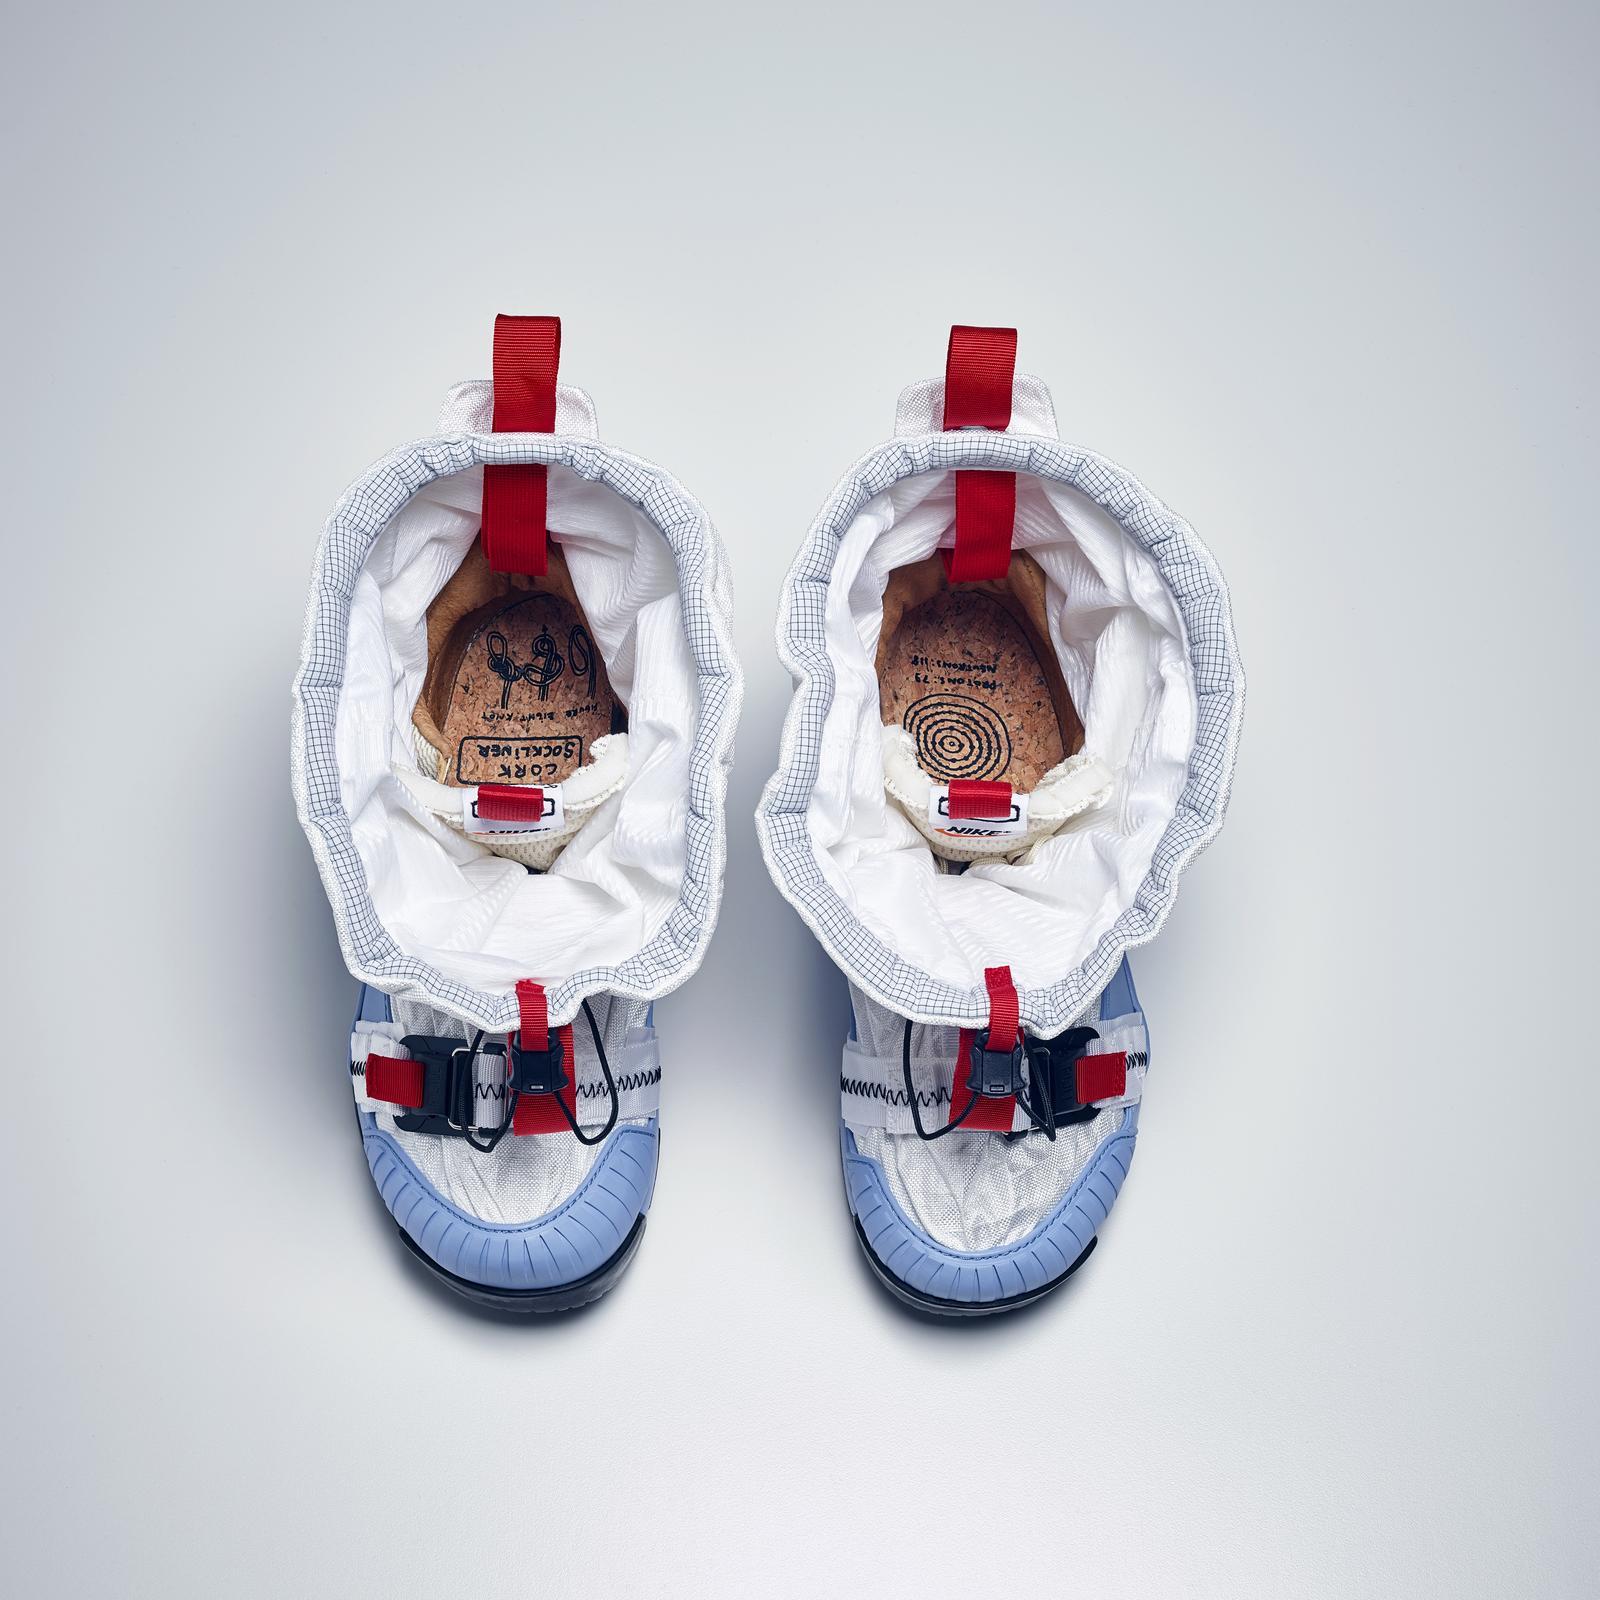 nike astronaut shoes - HD1080×1080